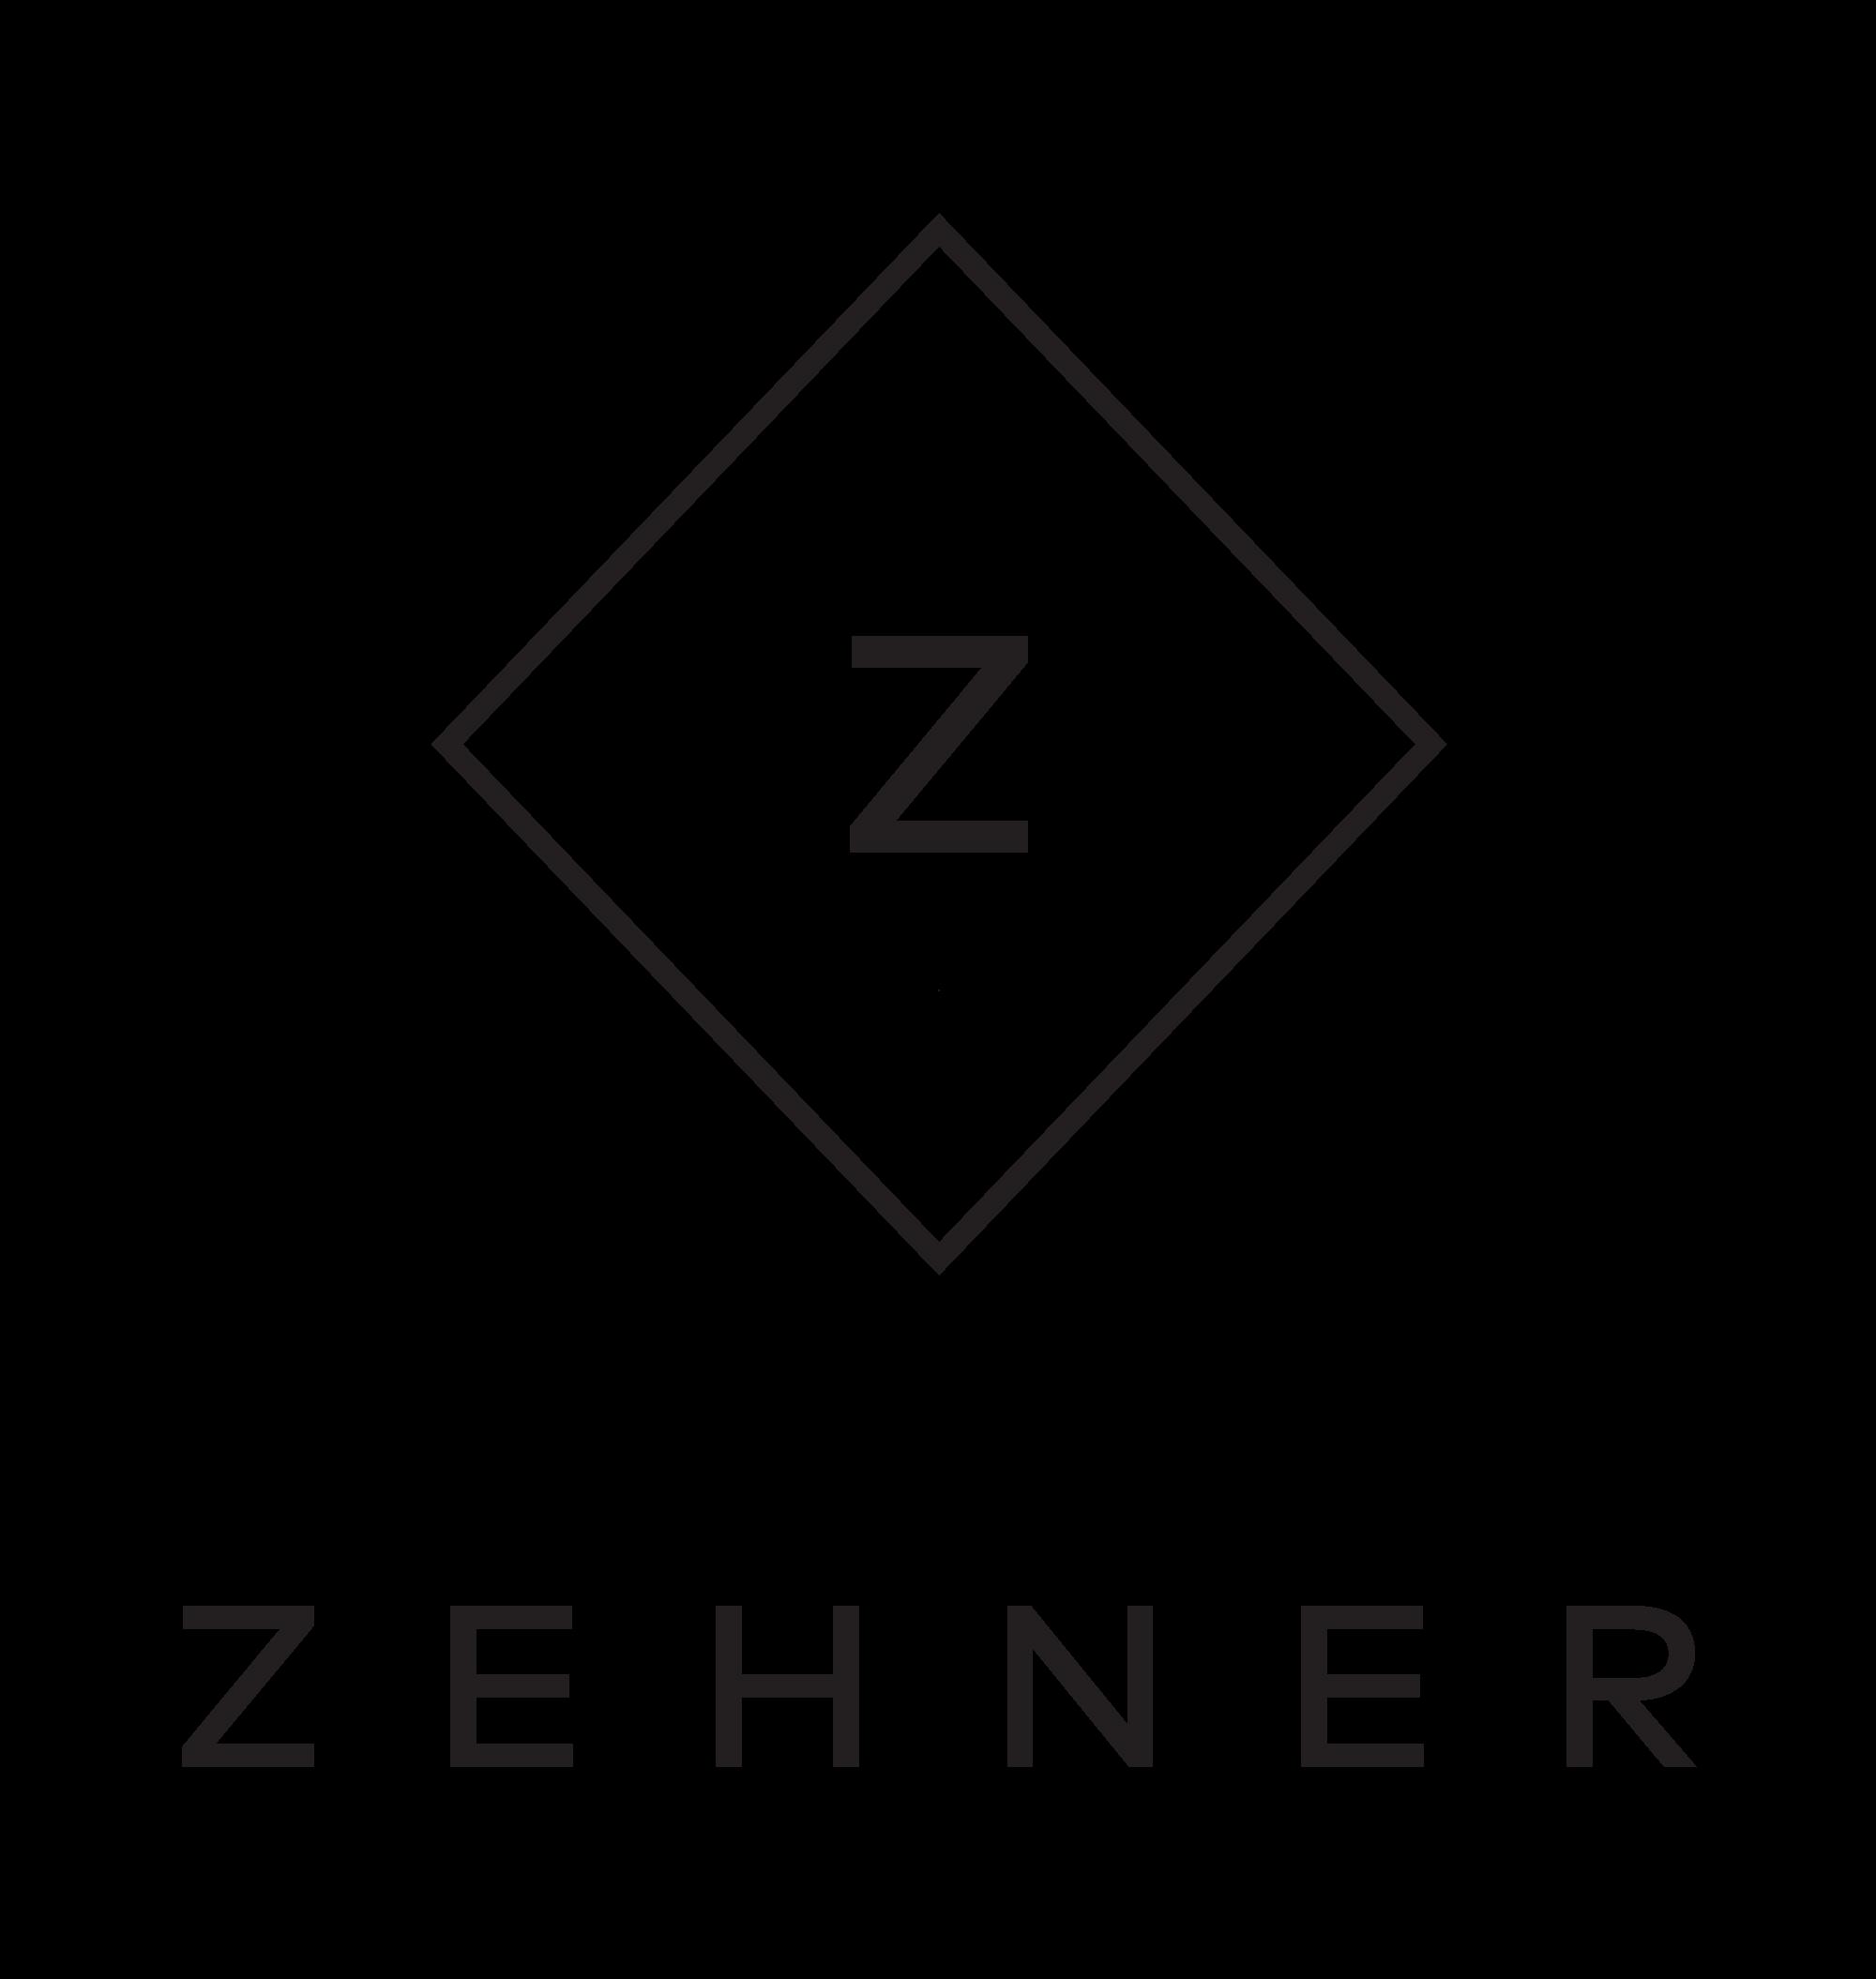 Zehner_logo